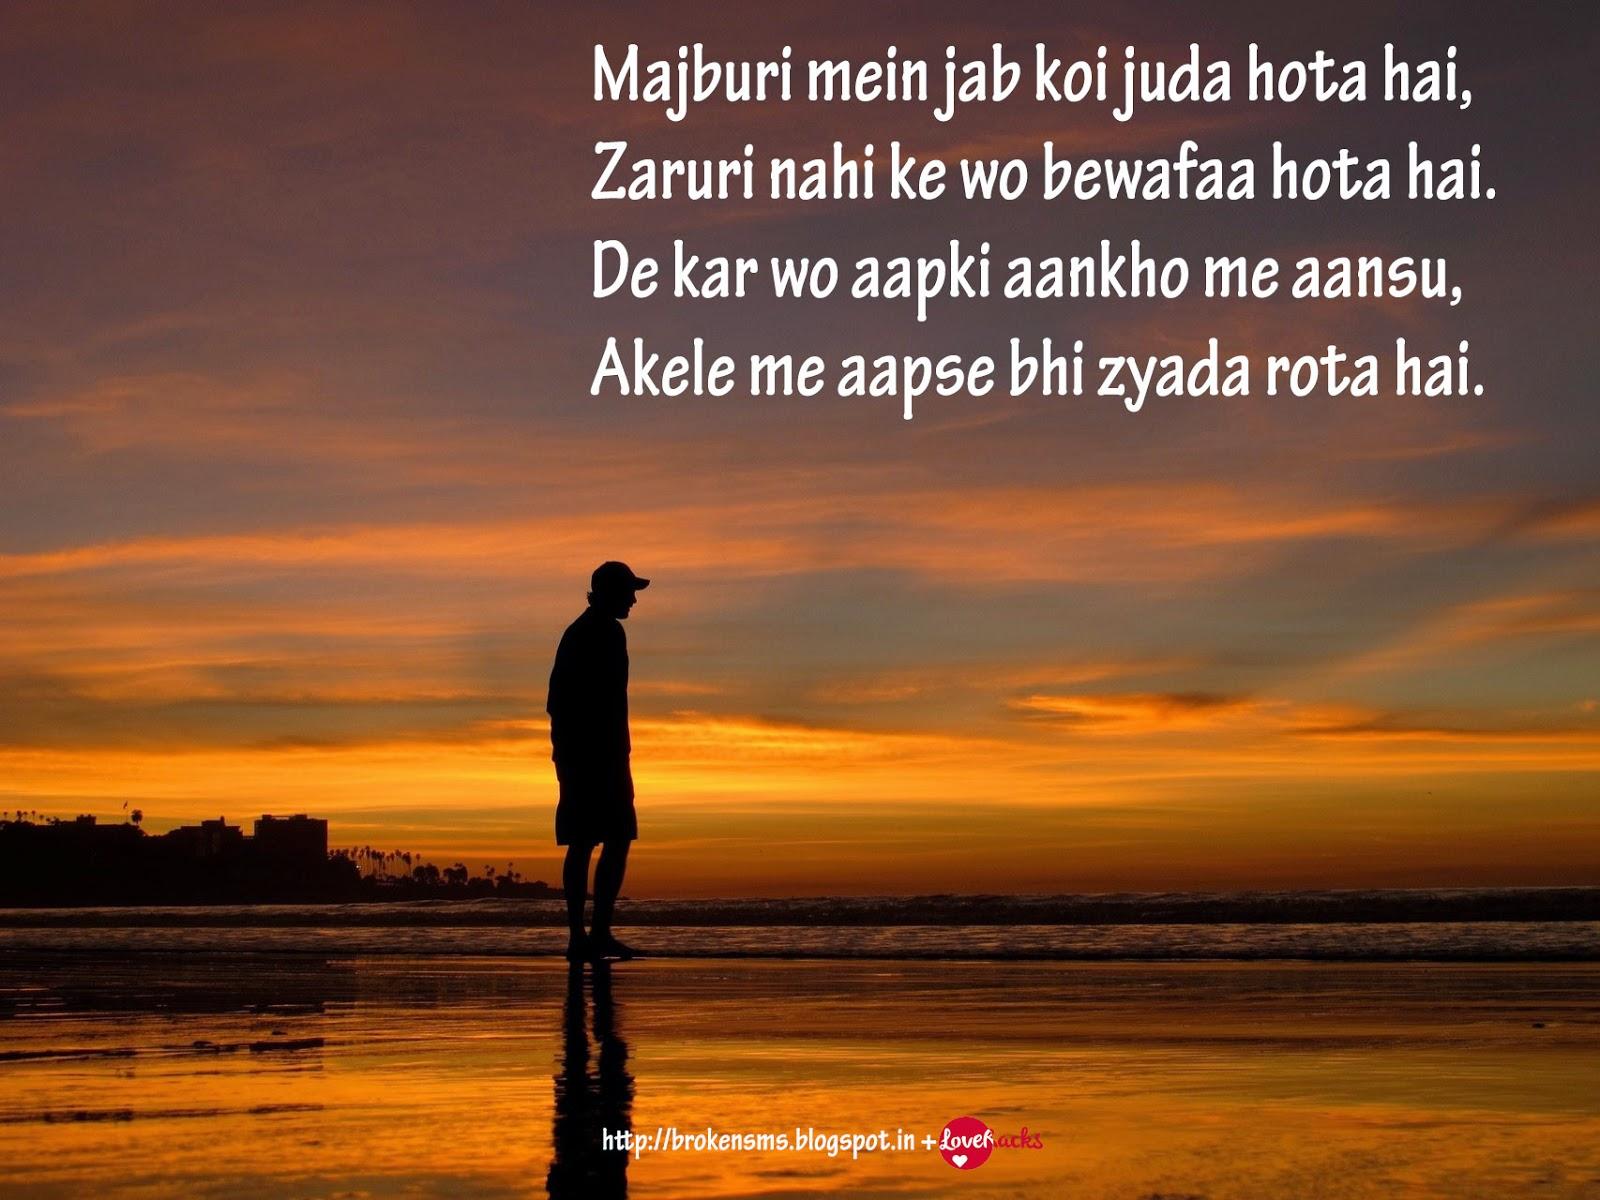 Majburi Mein Jab Koi Juda Hota Hai         | Dil Ki Baat - Shayari